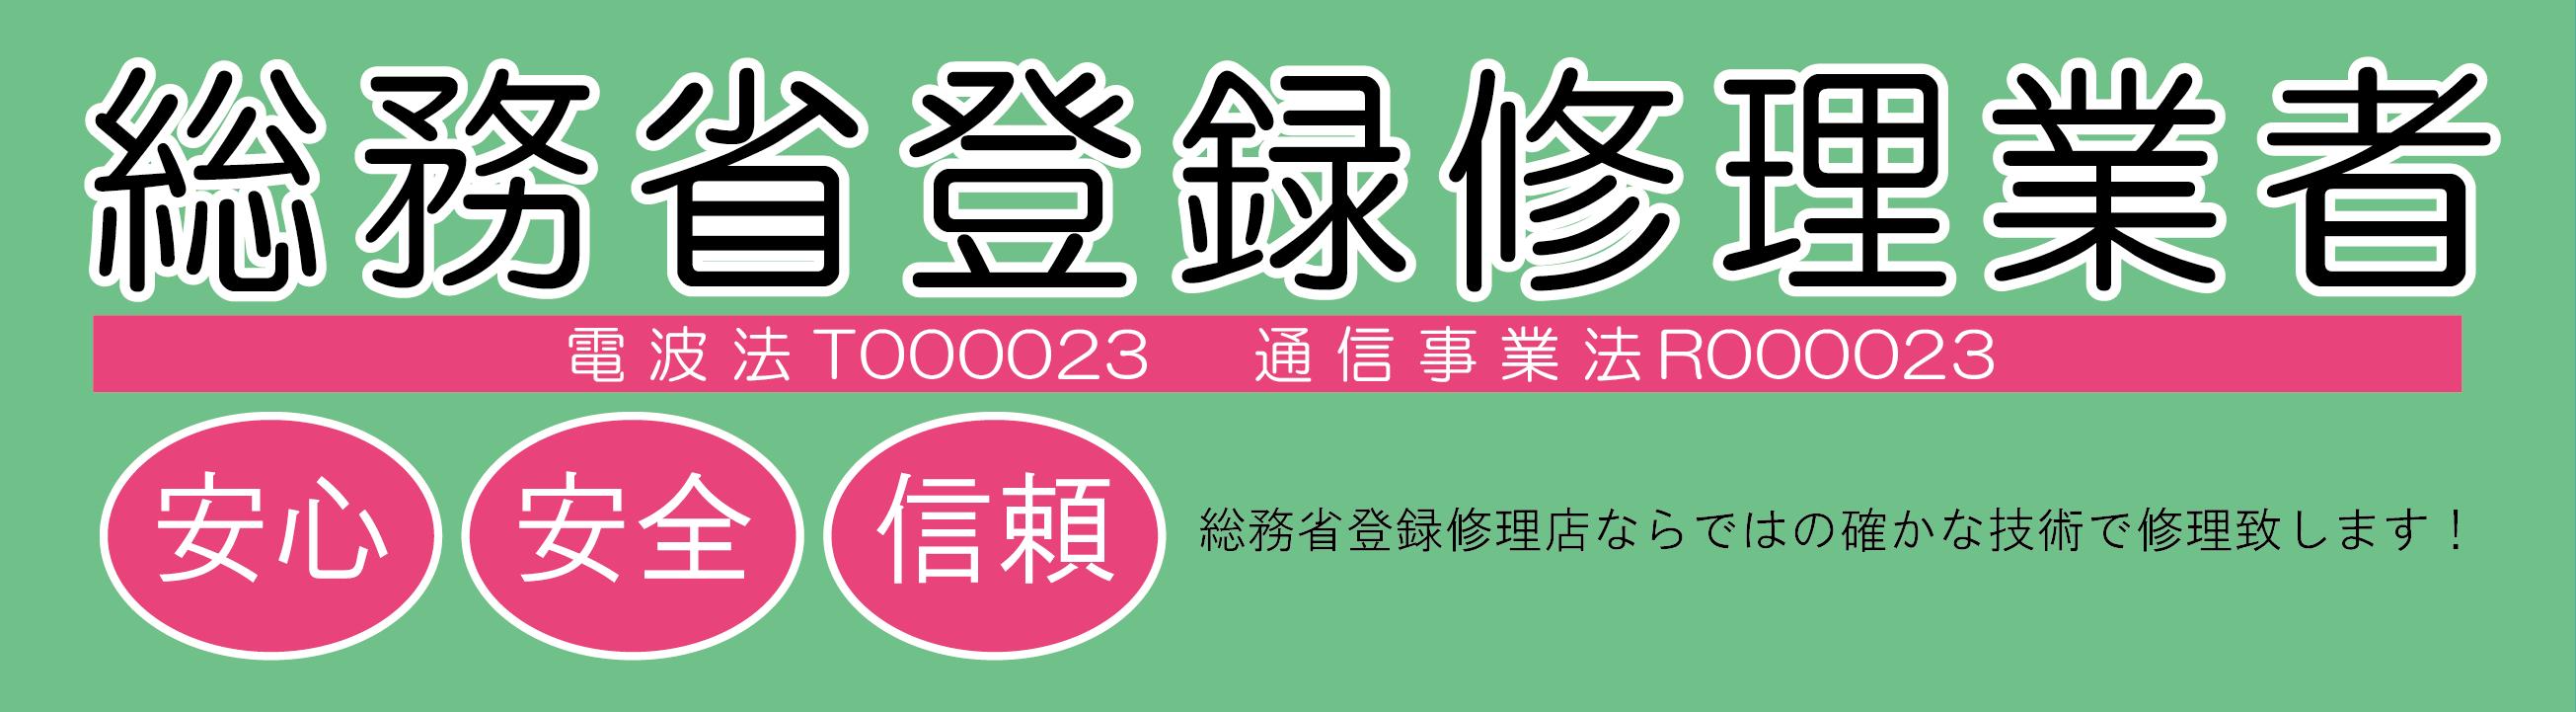 iFC金沢店は総務省登録修理業者ですので、確かな技術でiPhone修理(アイフォン修理)・iPad修理を行います。